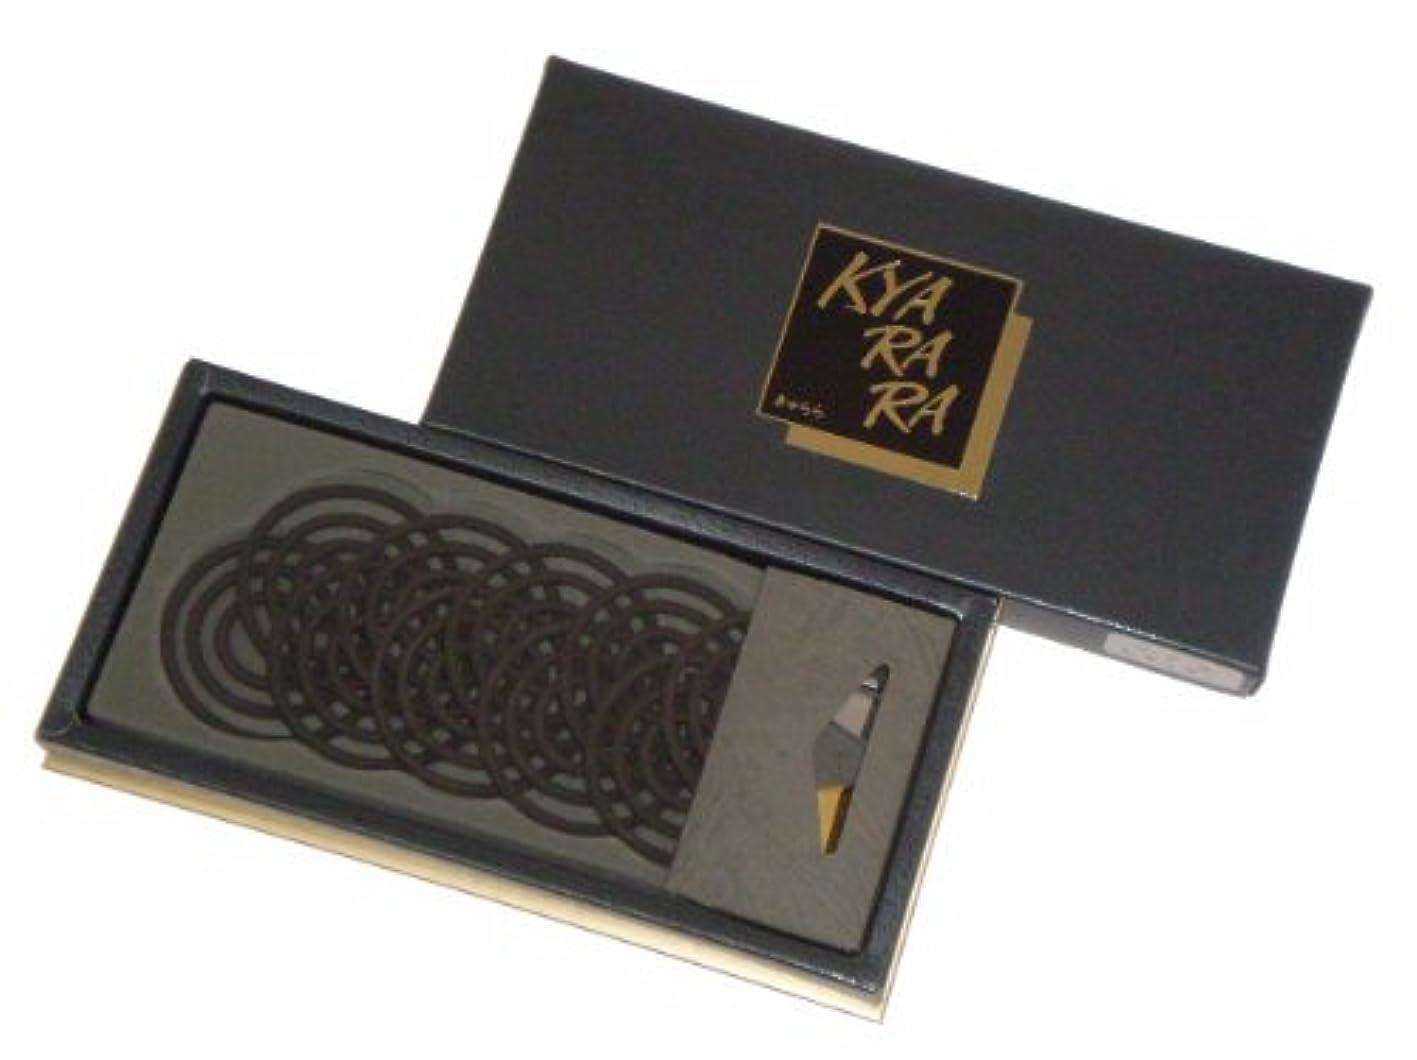 スワップシンカンプラカード玉初堂のお香 キャララ コイルレギュラーセット #5234